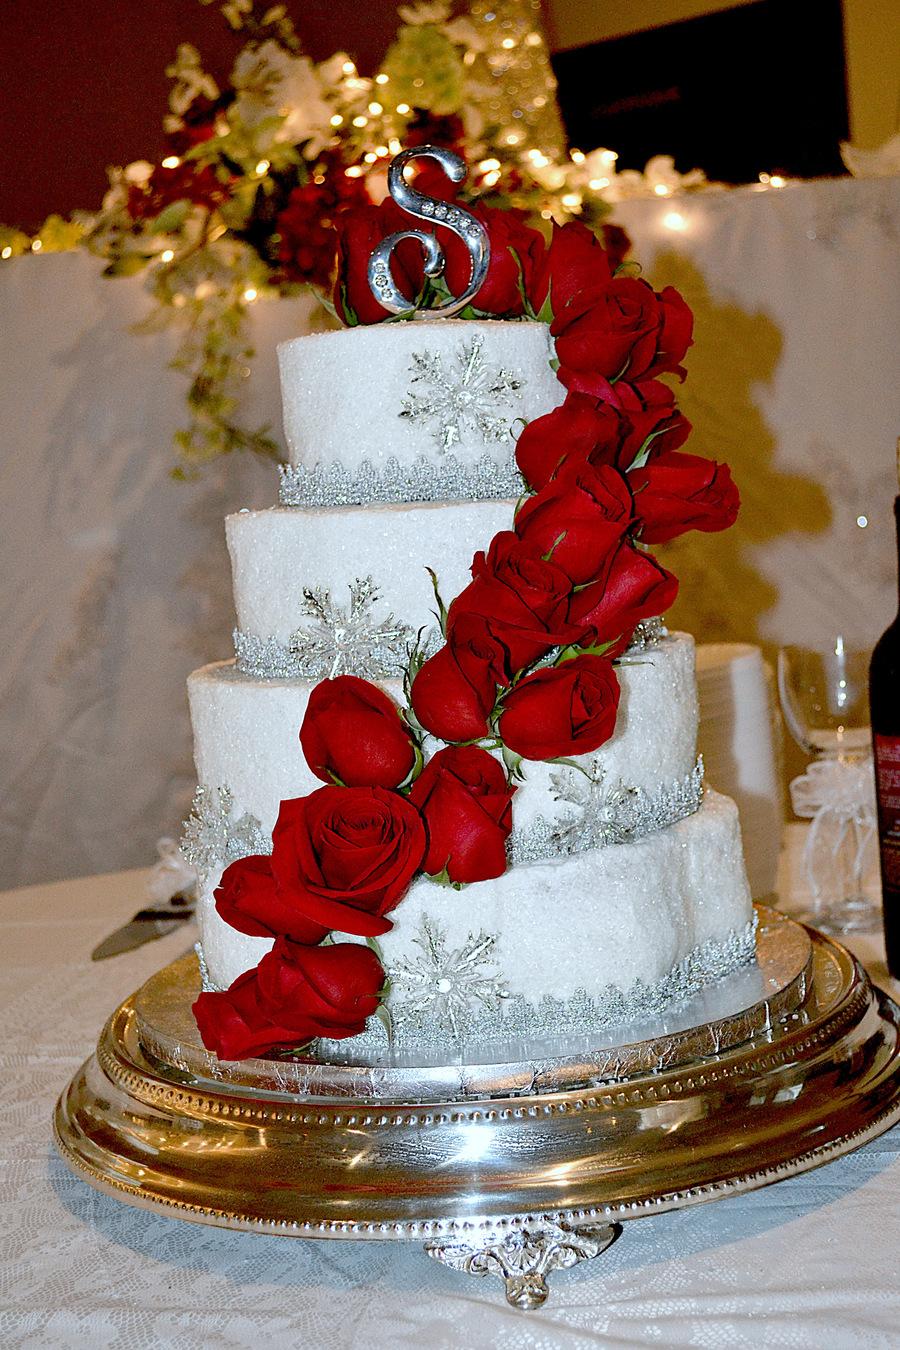 2013 January Wedding Cake